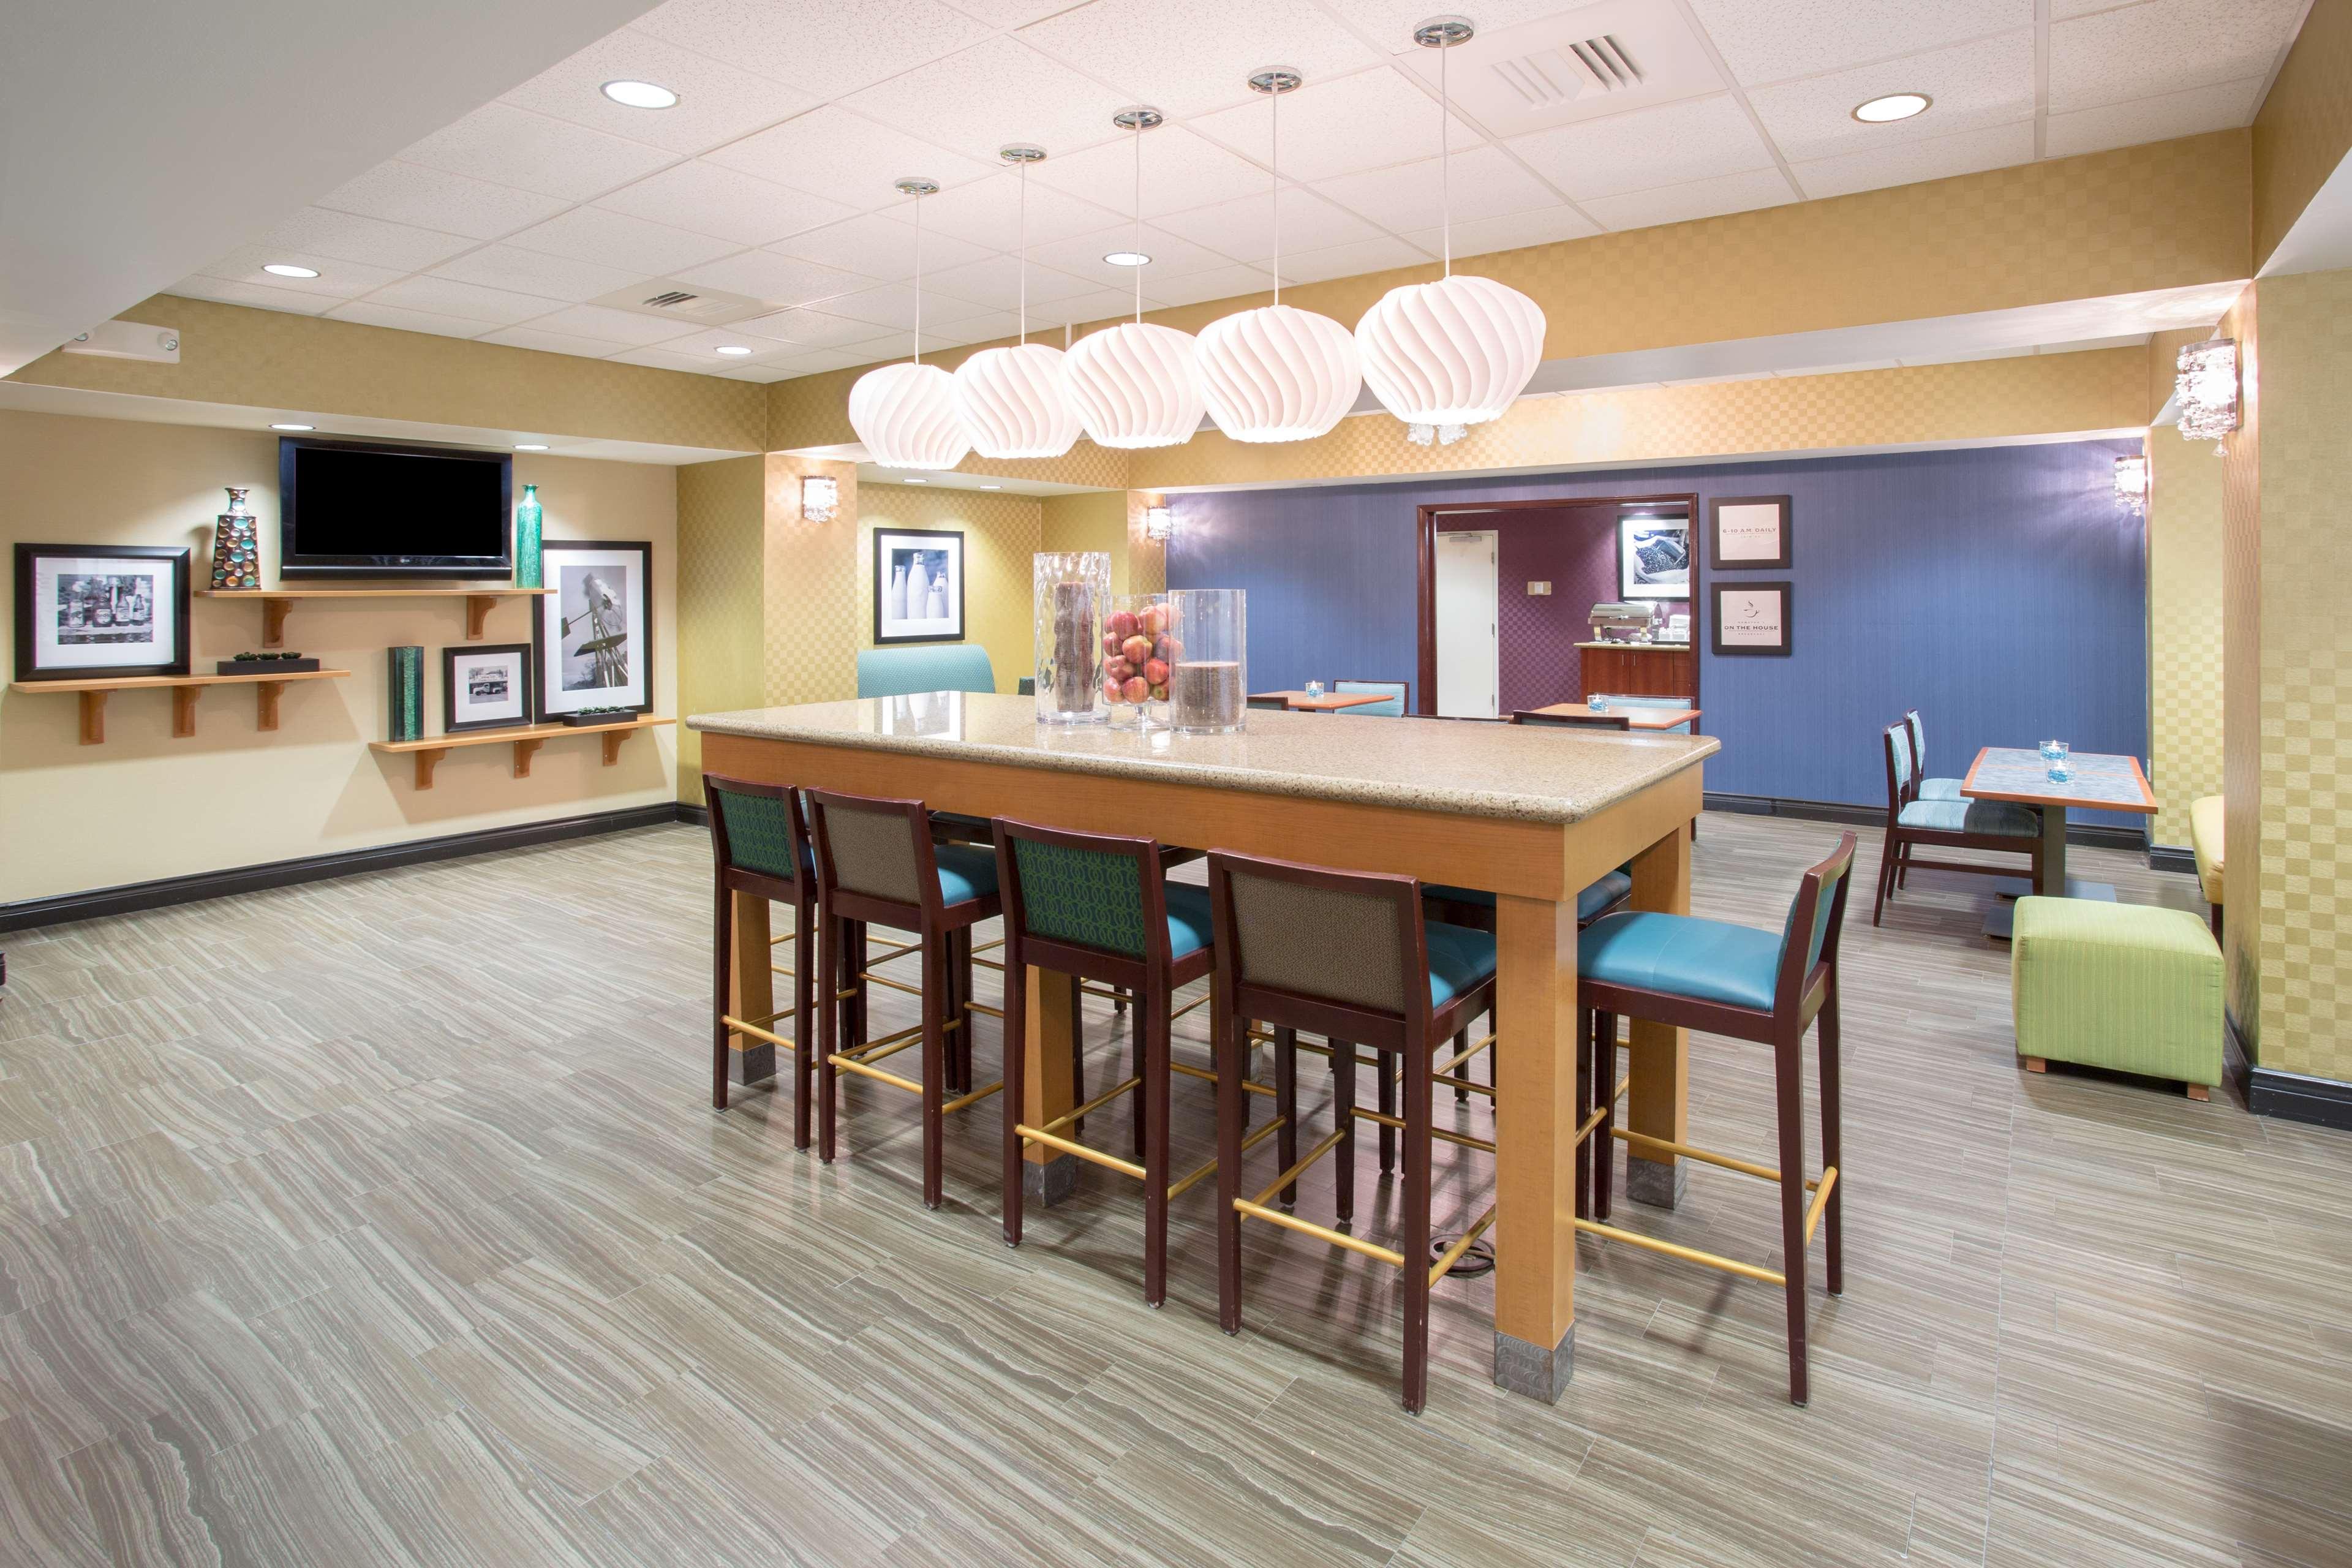 Hampton Inn Santa Rosa image 2